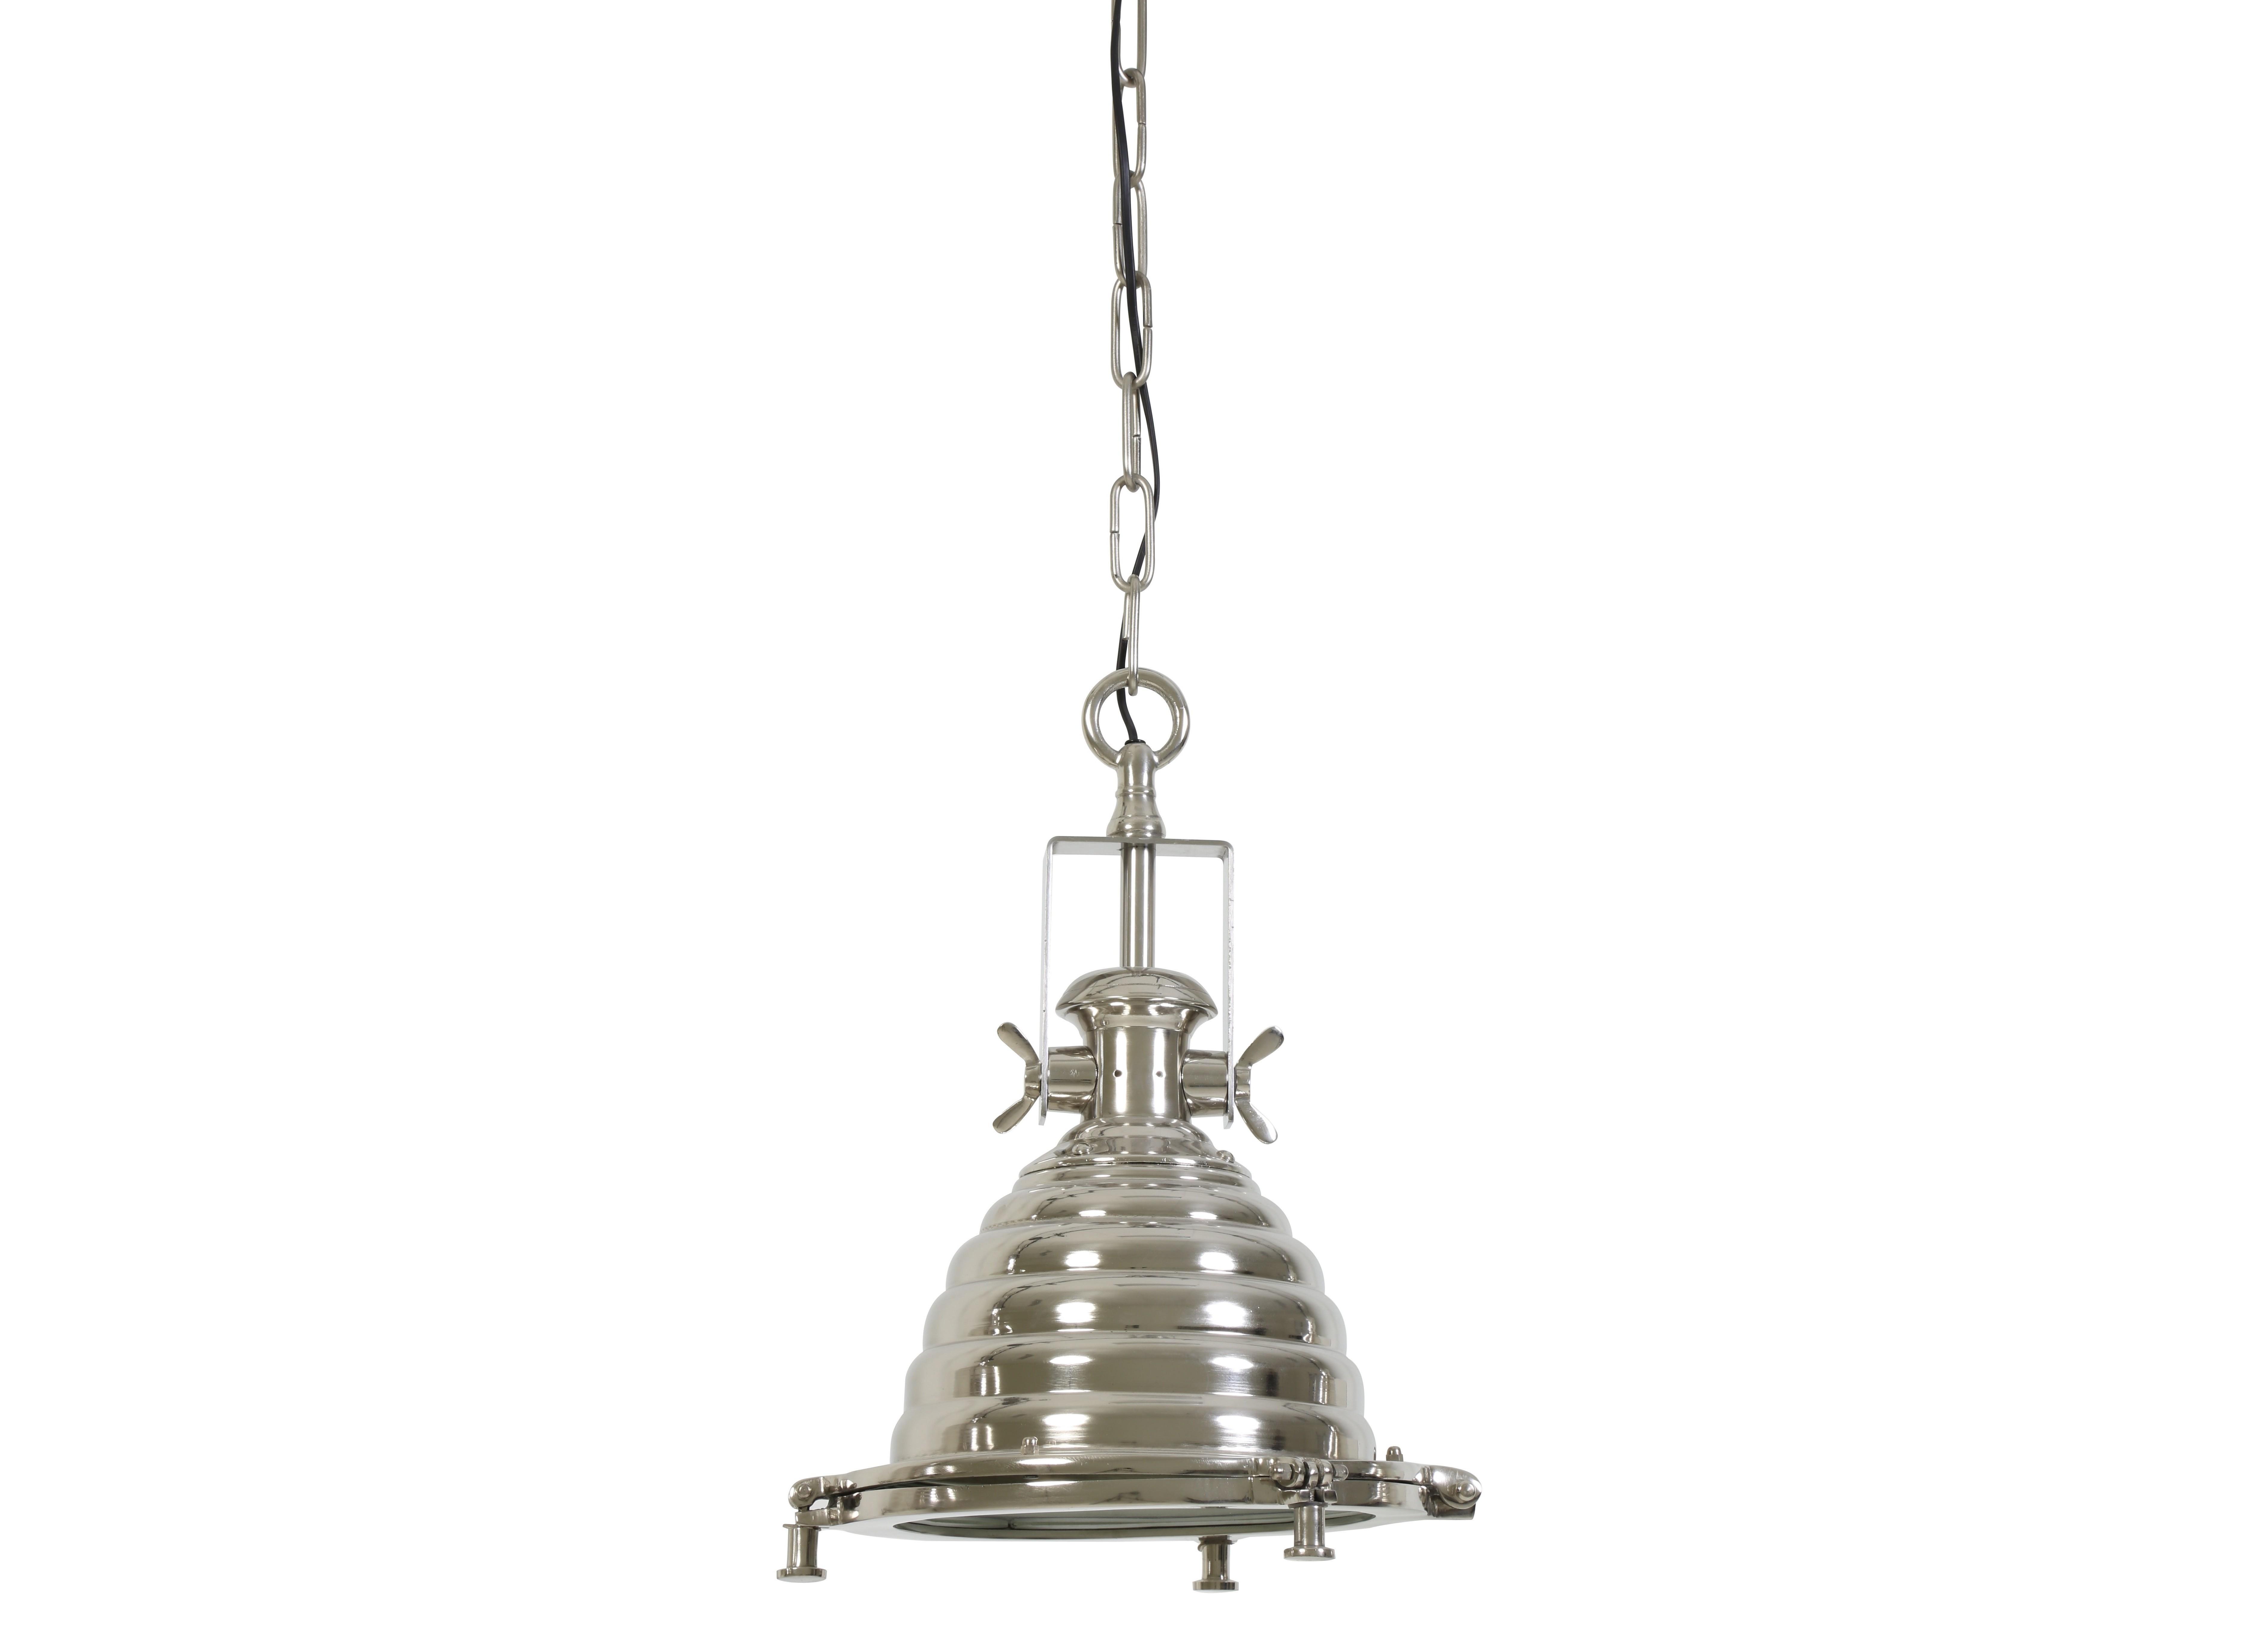 Потолочный светильник NyborgПодвесные светильники<br>Потолочный светильник с серебрянным плафоном от голландского бренда light &amp;amp;amp; living. Модное дизайнерское решение для современных интерьеров гостиной и столовой.&amp;amp;nbsp;&amp;lt;div&amp;gt;&amp;lt;br&amp;gt;&amp;lt;div&amp;gt;Вид цоколя: Е27,&amp;amp;nbsp;&amp;lt;/div&amp;gt;&amp;lt;div&amp;gt;Мощность лампочки: 40W,&amp;amp;nbsp;&amp;lt;/div&amp;gt;&amp;lt;div&amp;gt;Кол-во лампочек 1 (в комплект не входит).&amp;lt;/div&amp;gt;&amp;lt;/div&amp;gt;<br><br>Material: Металл<br>Height см: 48<br>Diameter см: 31